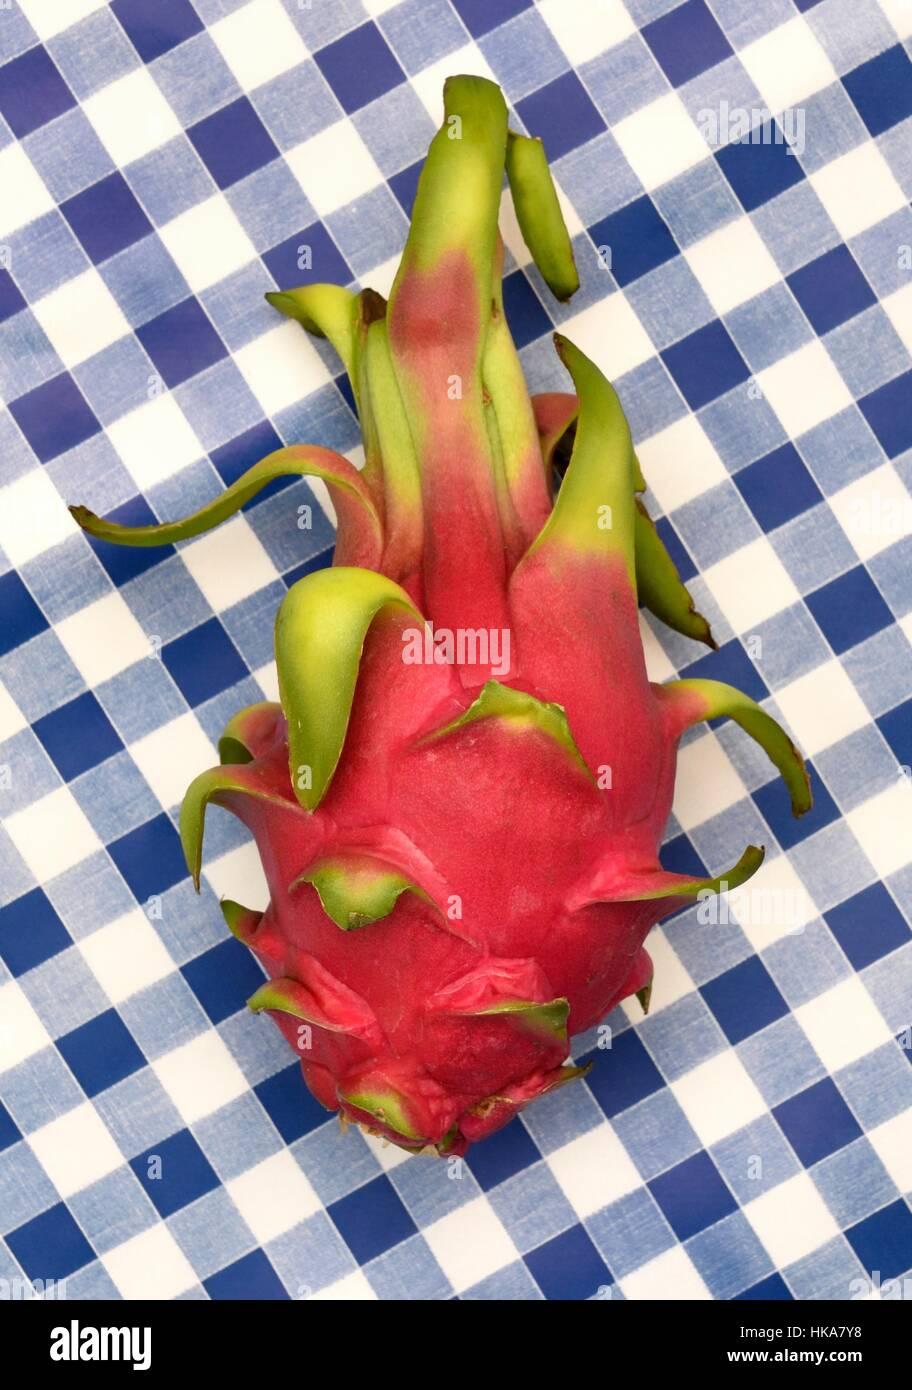 Pitaya Pitahaya blanca white fruit - Stock Image